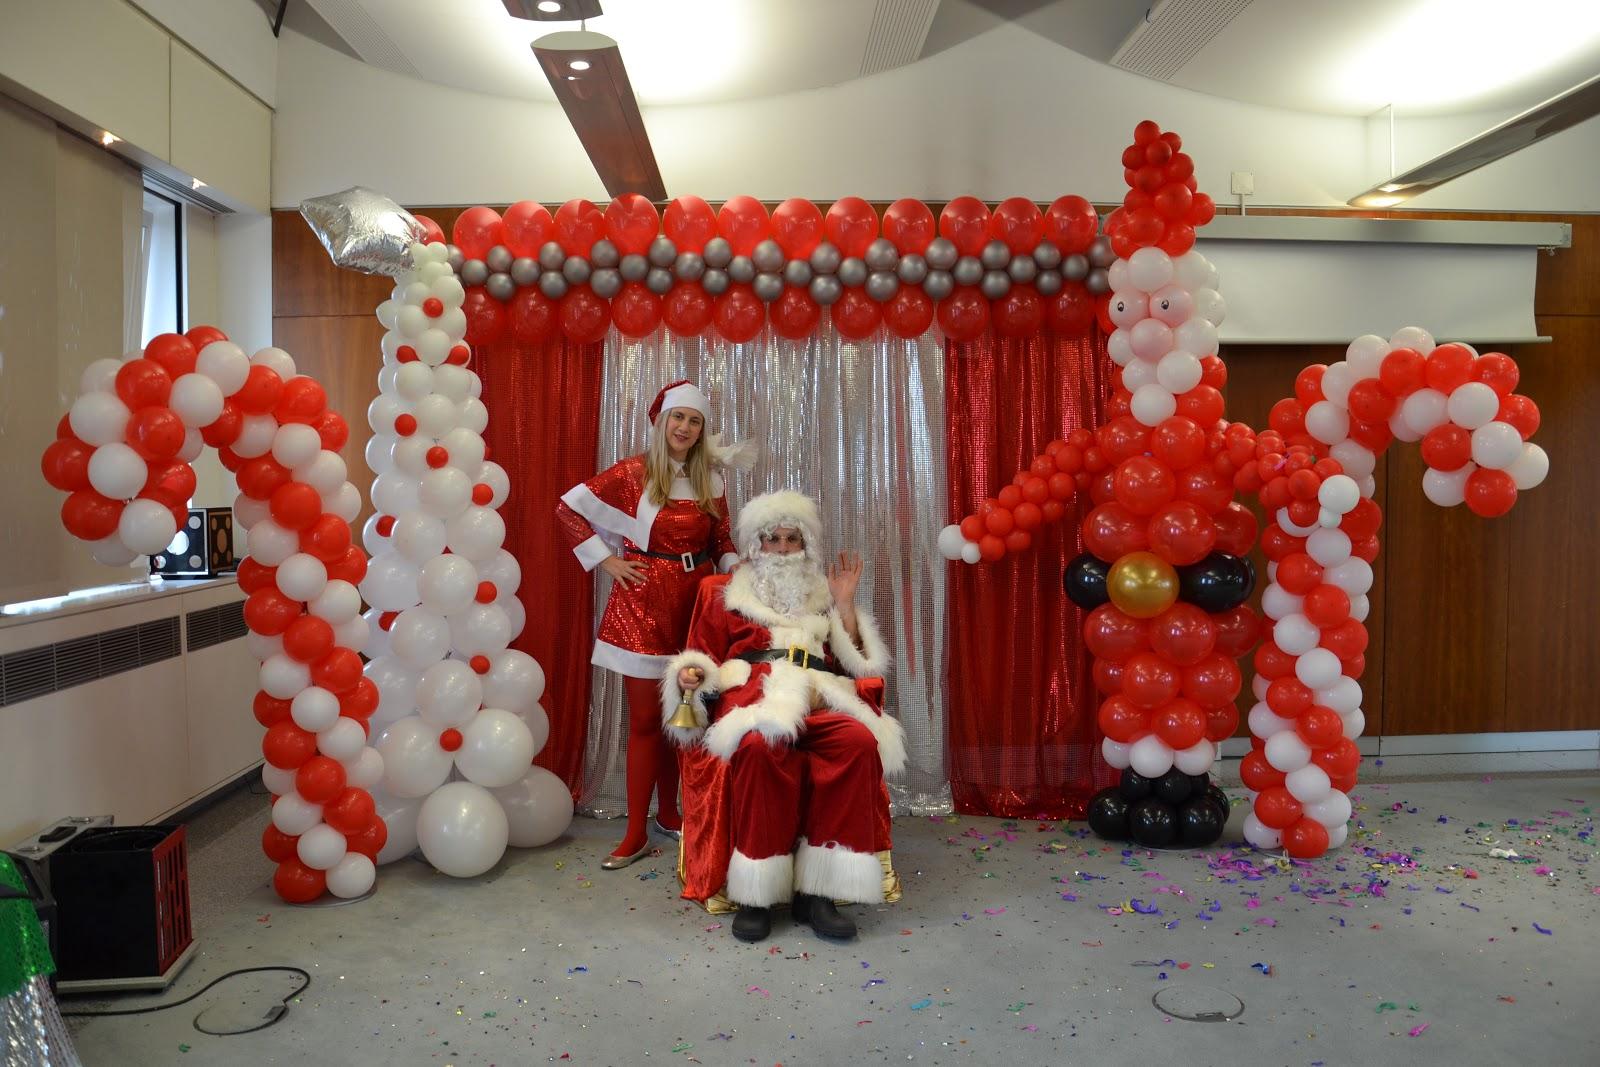 decoracao festa natal:PrincessPARTY® – Festas de Luxo em Portugal: Festas de Natal